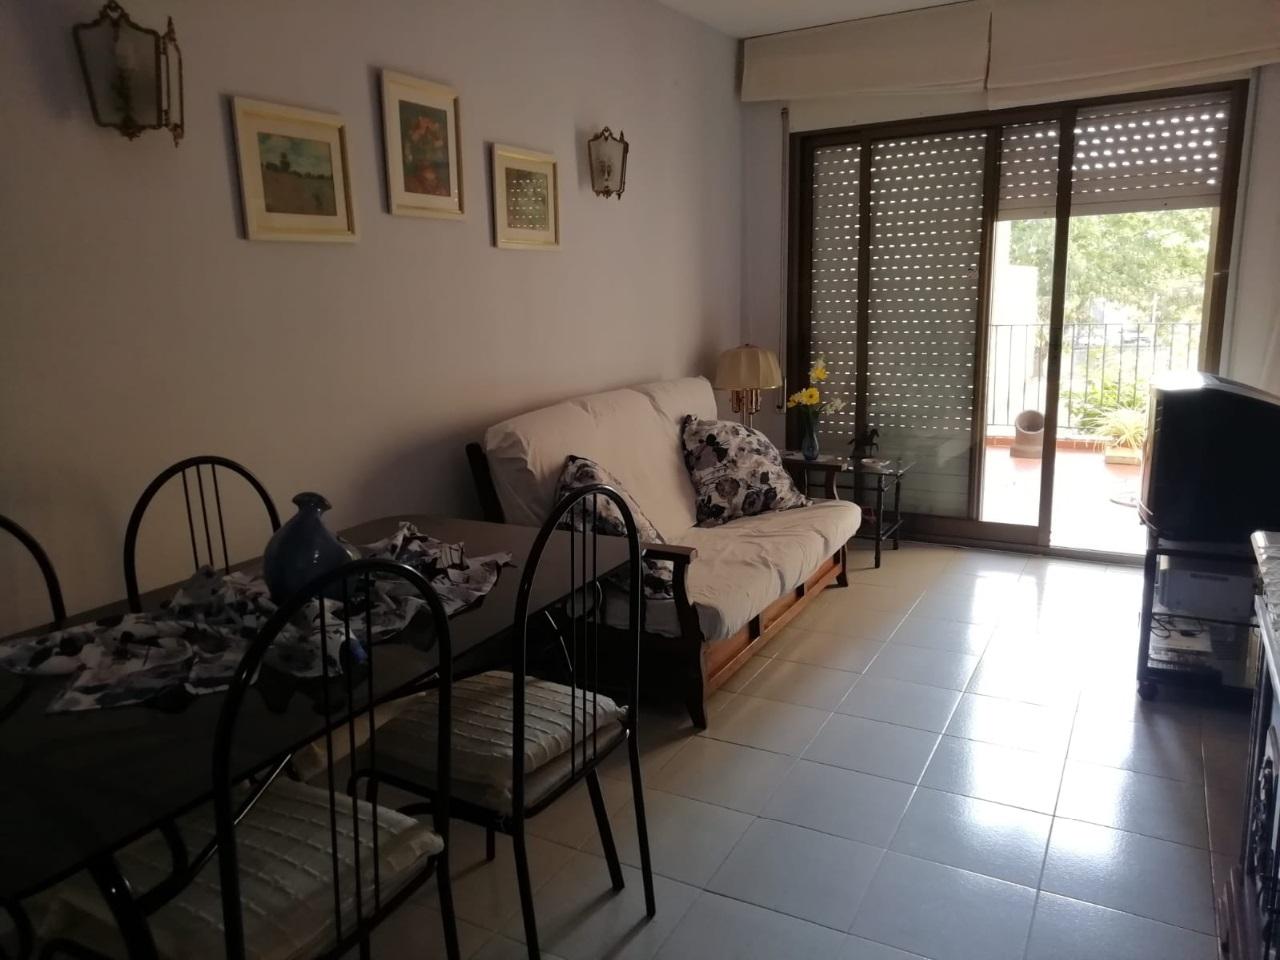 Lloguer Pis  Barrio de francia vendrell, el. Alq0603. piso en el barrio de francia. 3 habitaciones, baño comp